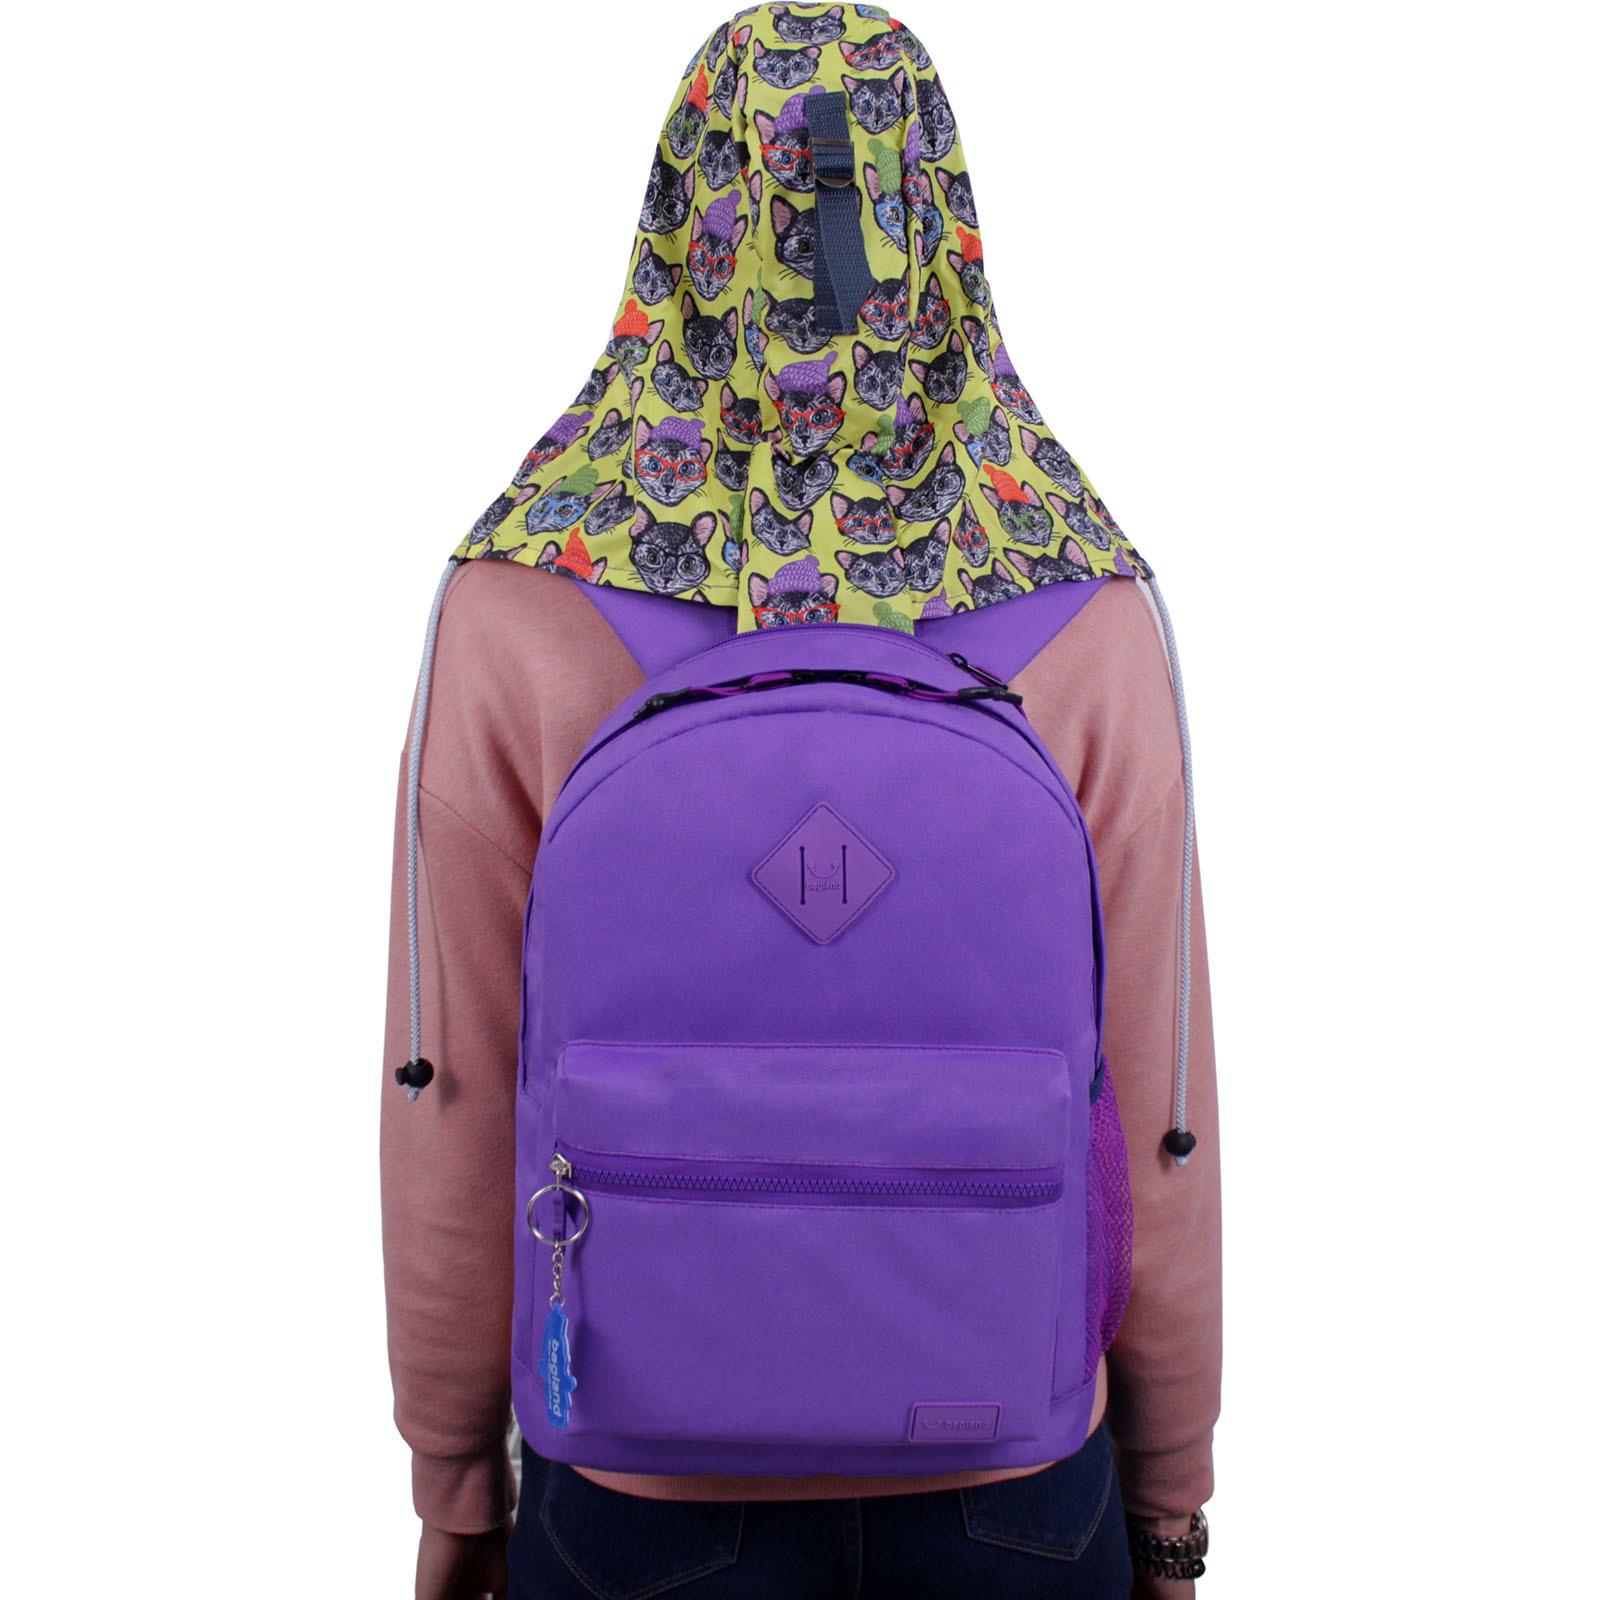 Рюкзак Bagland Hood W/R 17 л. фиолетовый 469 (0054466) фото 6